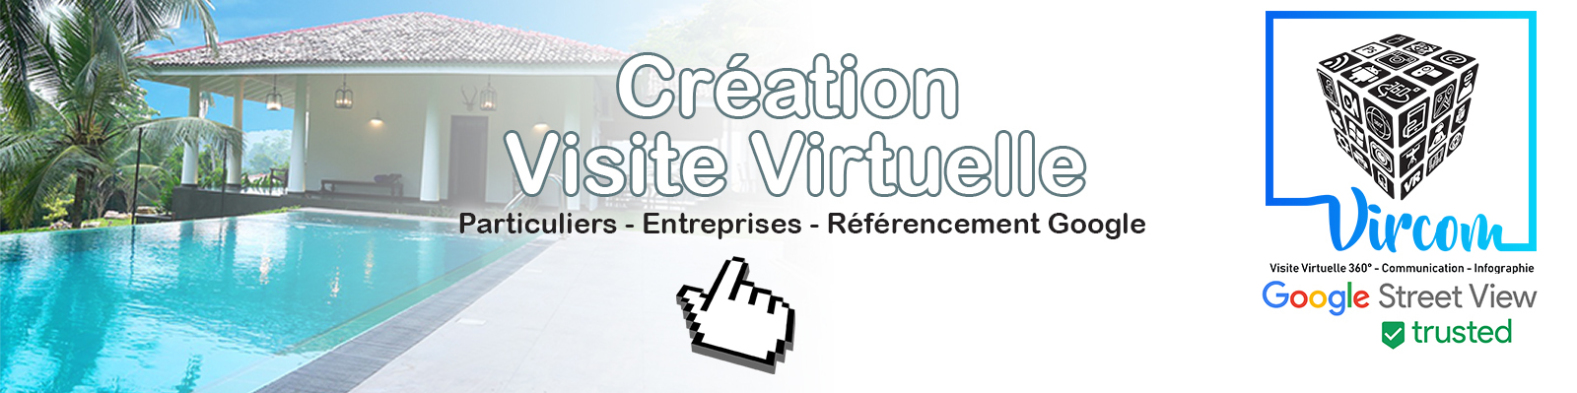 bandeau page visite virtuelle VIRCOM